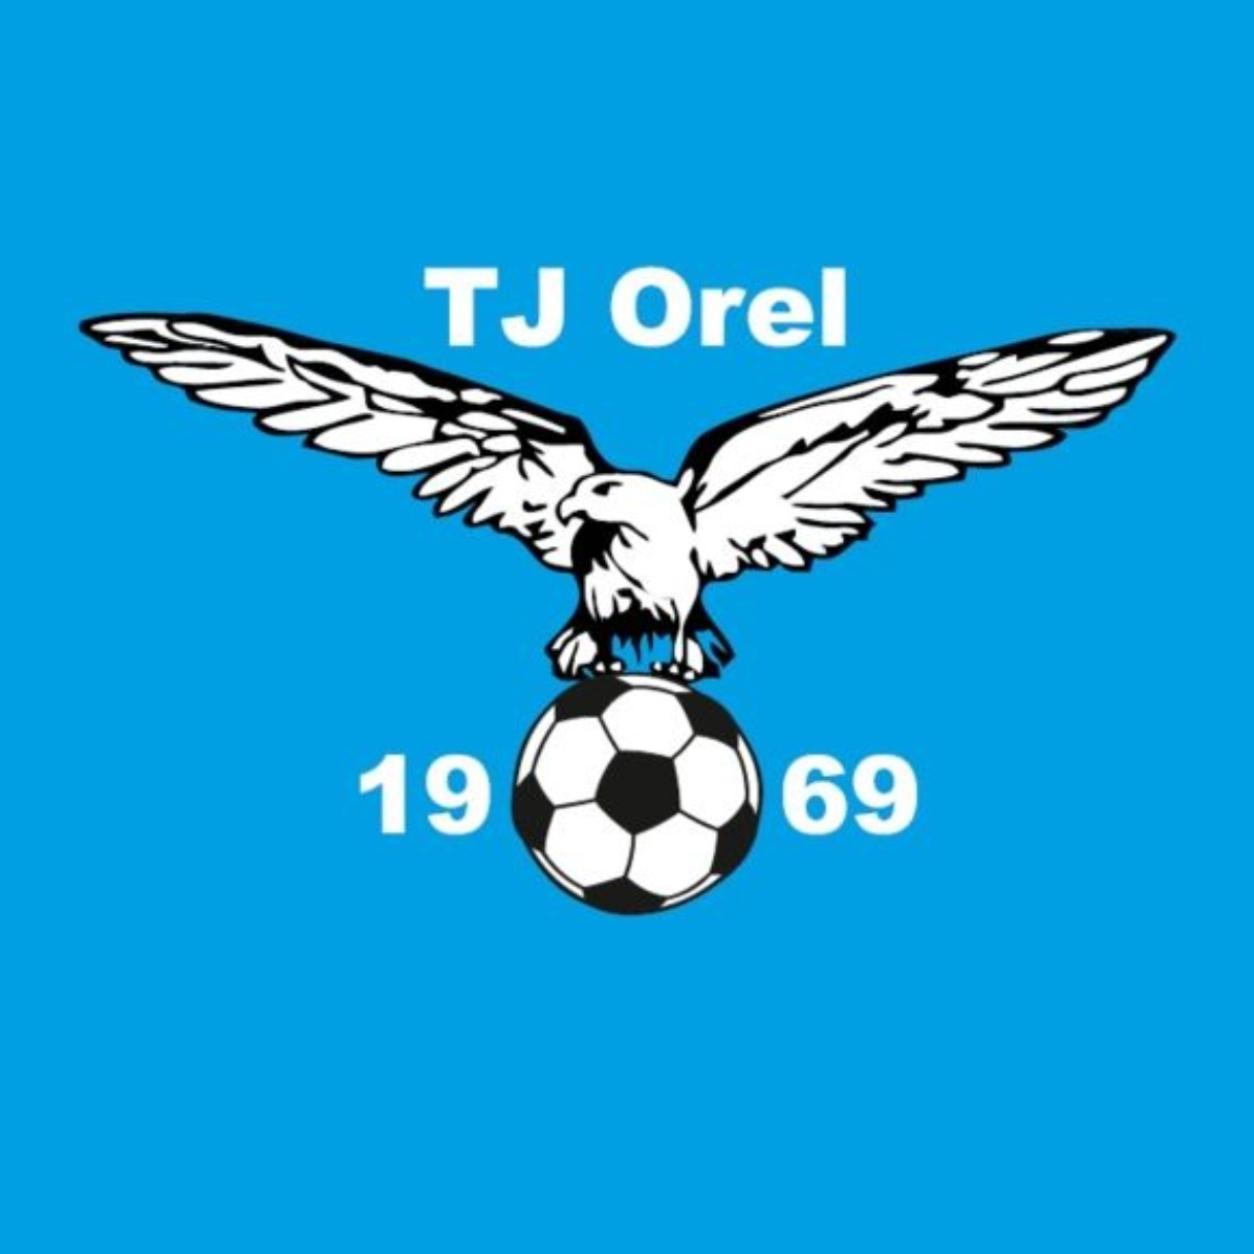 LOGO TJ Orel